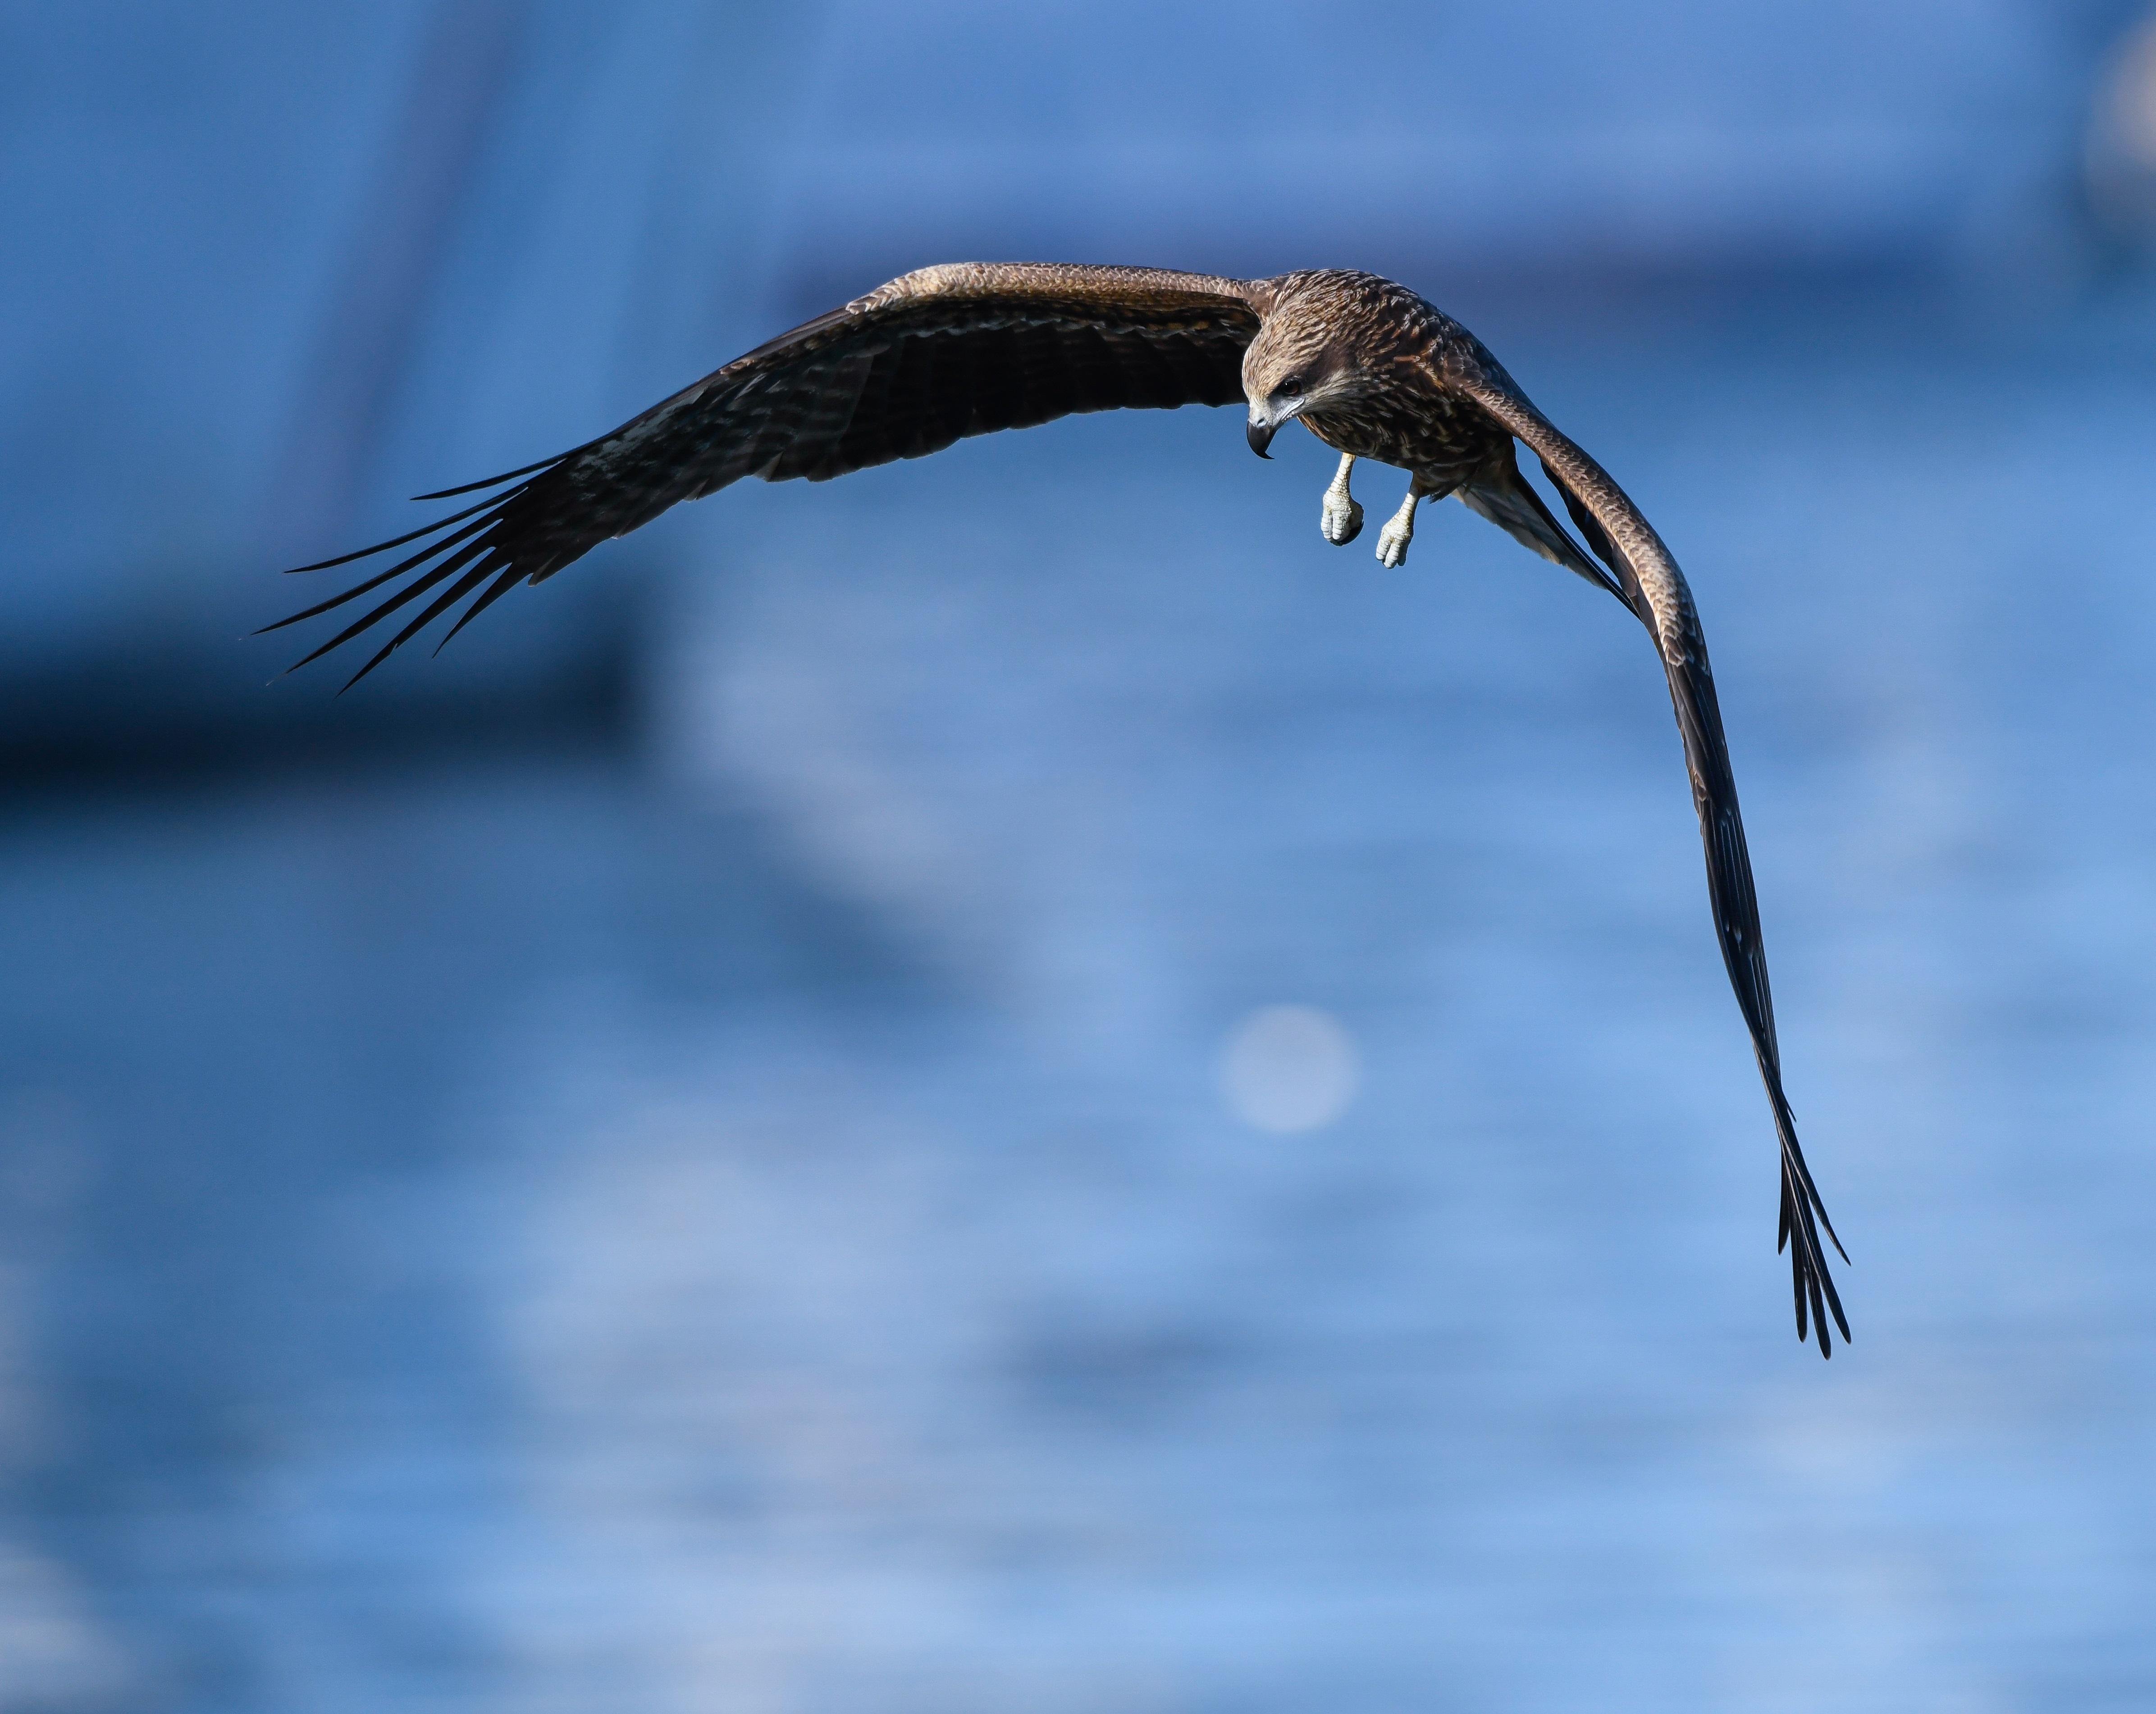 一條「無毒食物鏈」-買對農產,就是助老鷹翱翔